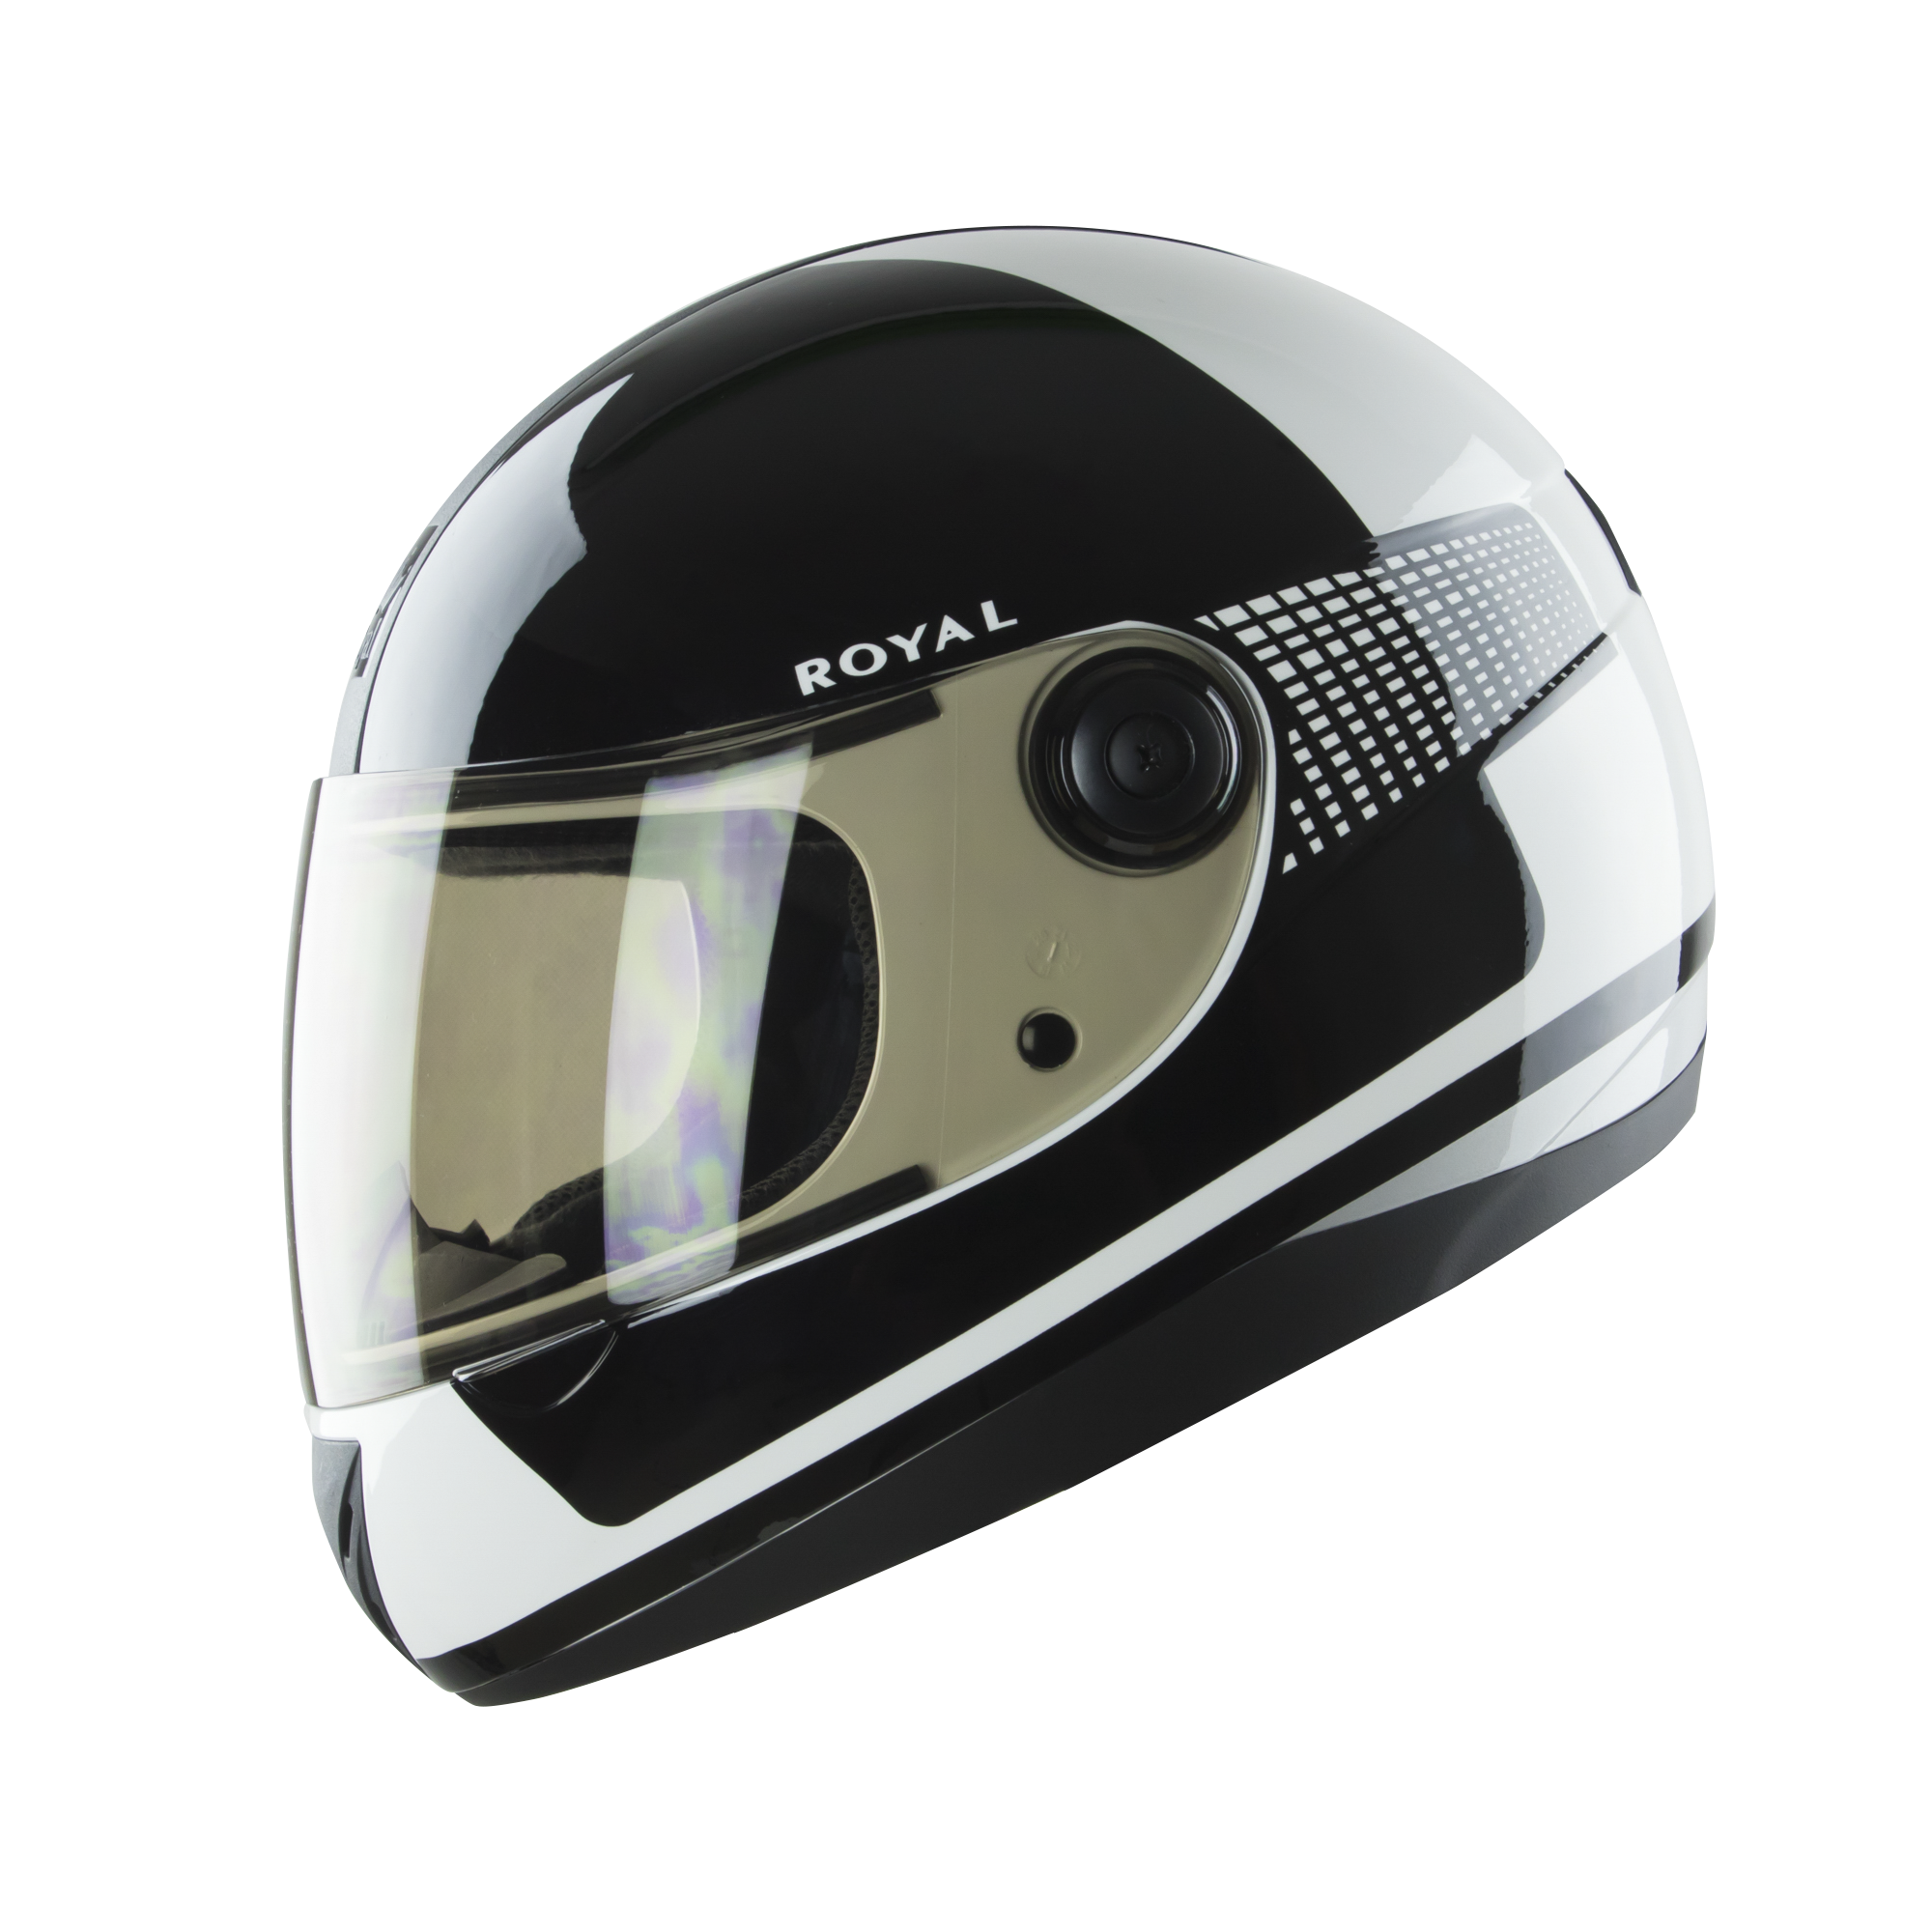 Royal M02 V.1 đen trắng bóng